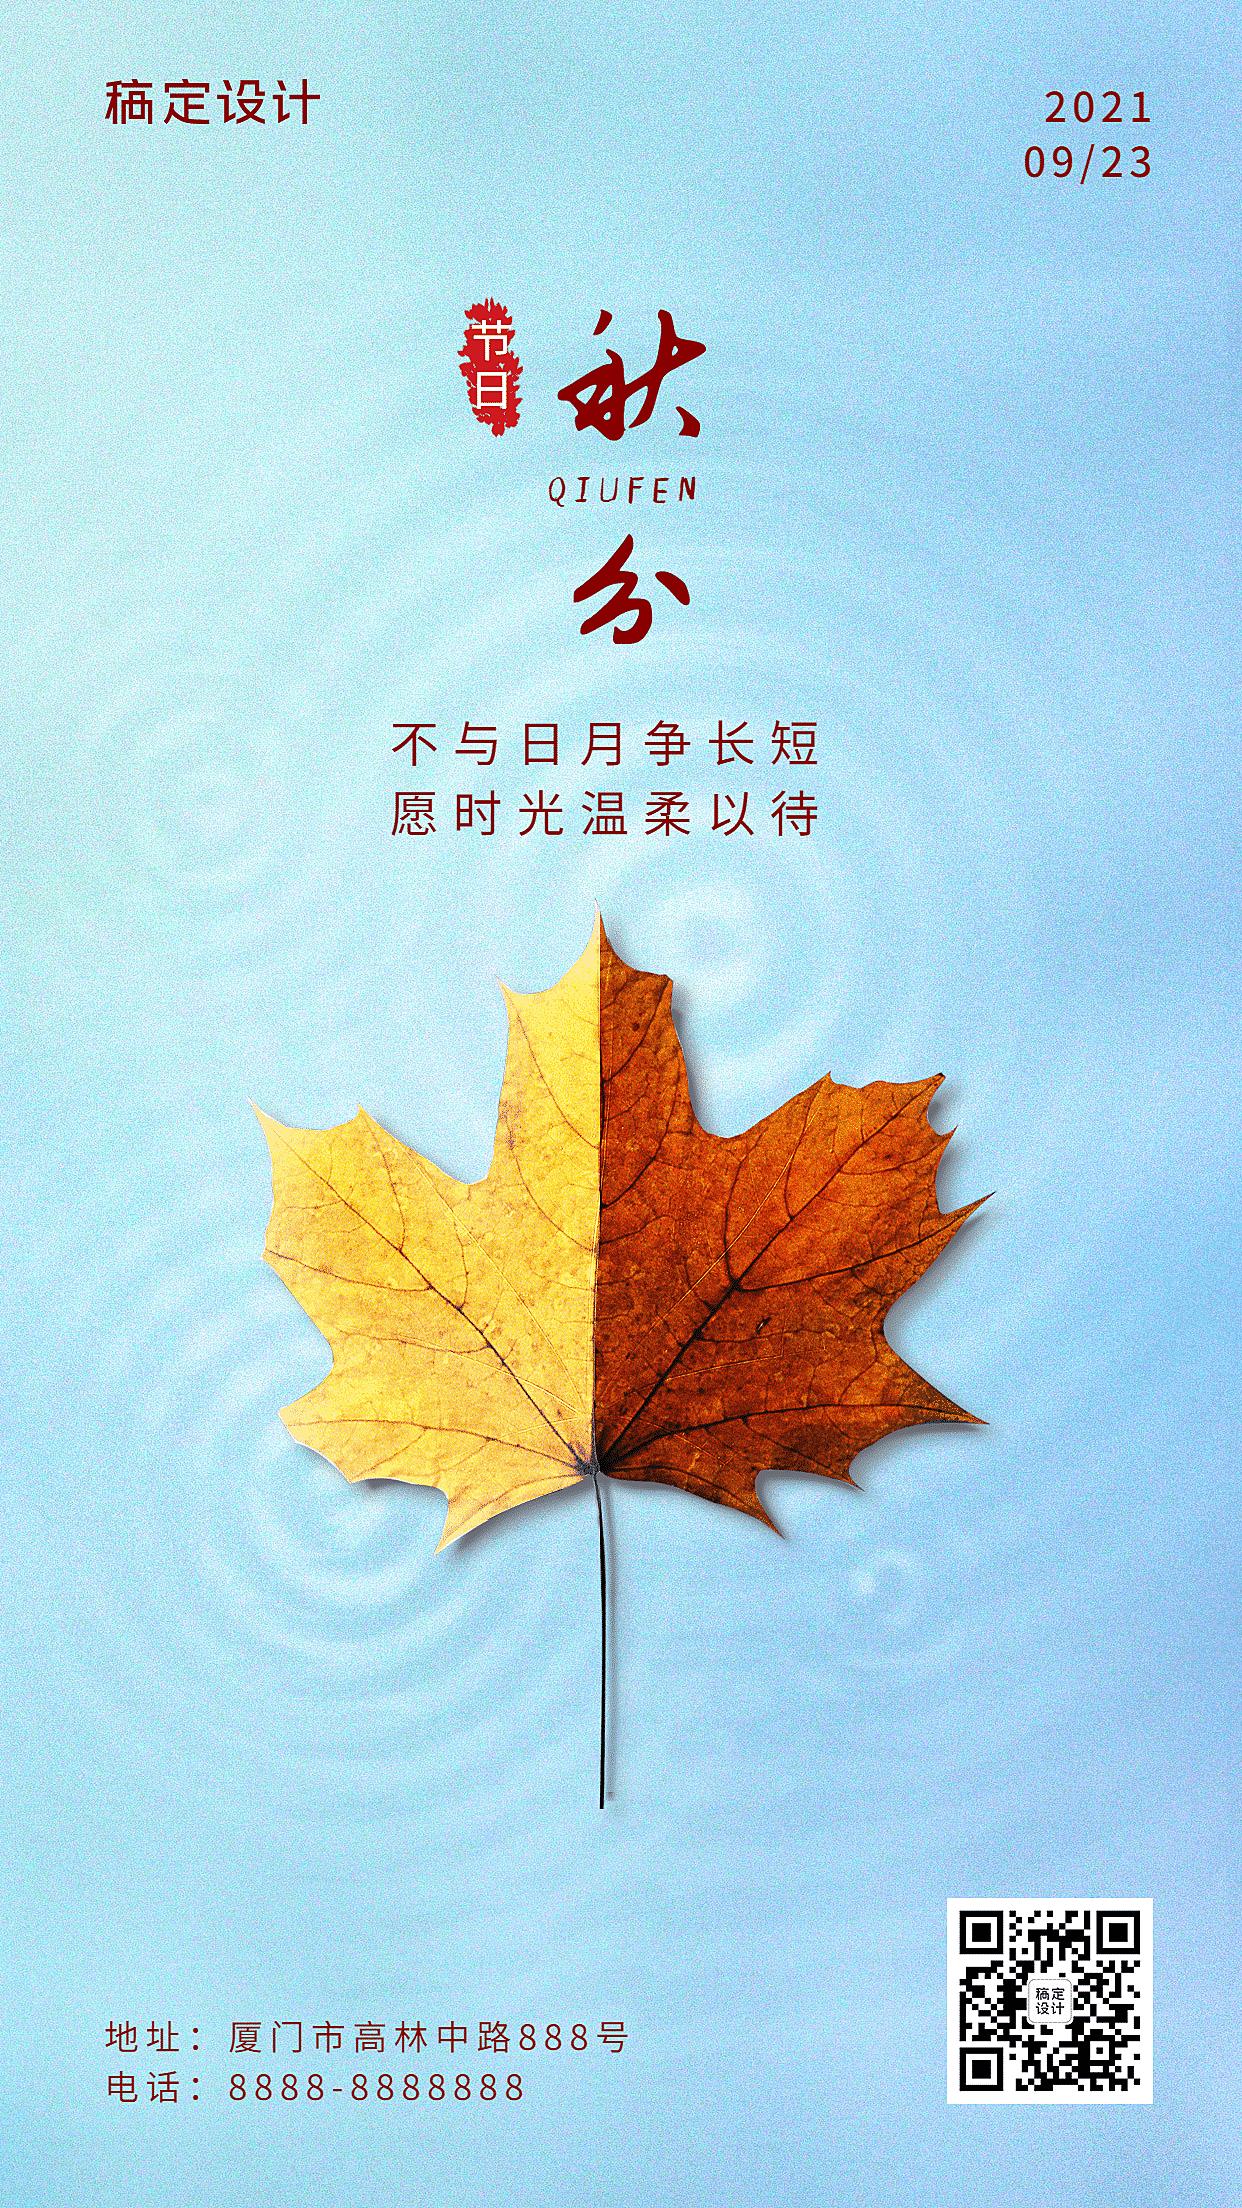 秋分节气秋天你好枫叶早安手机海报